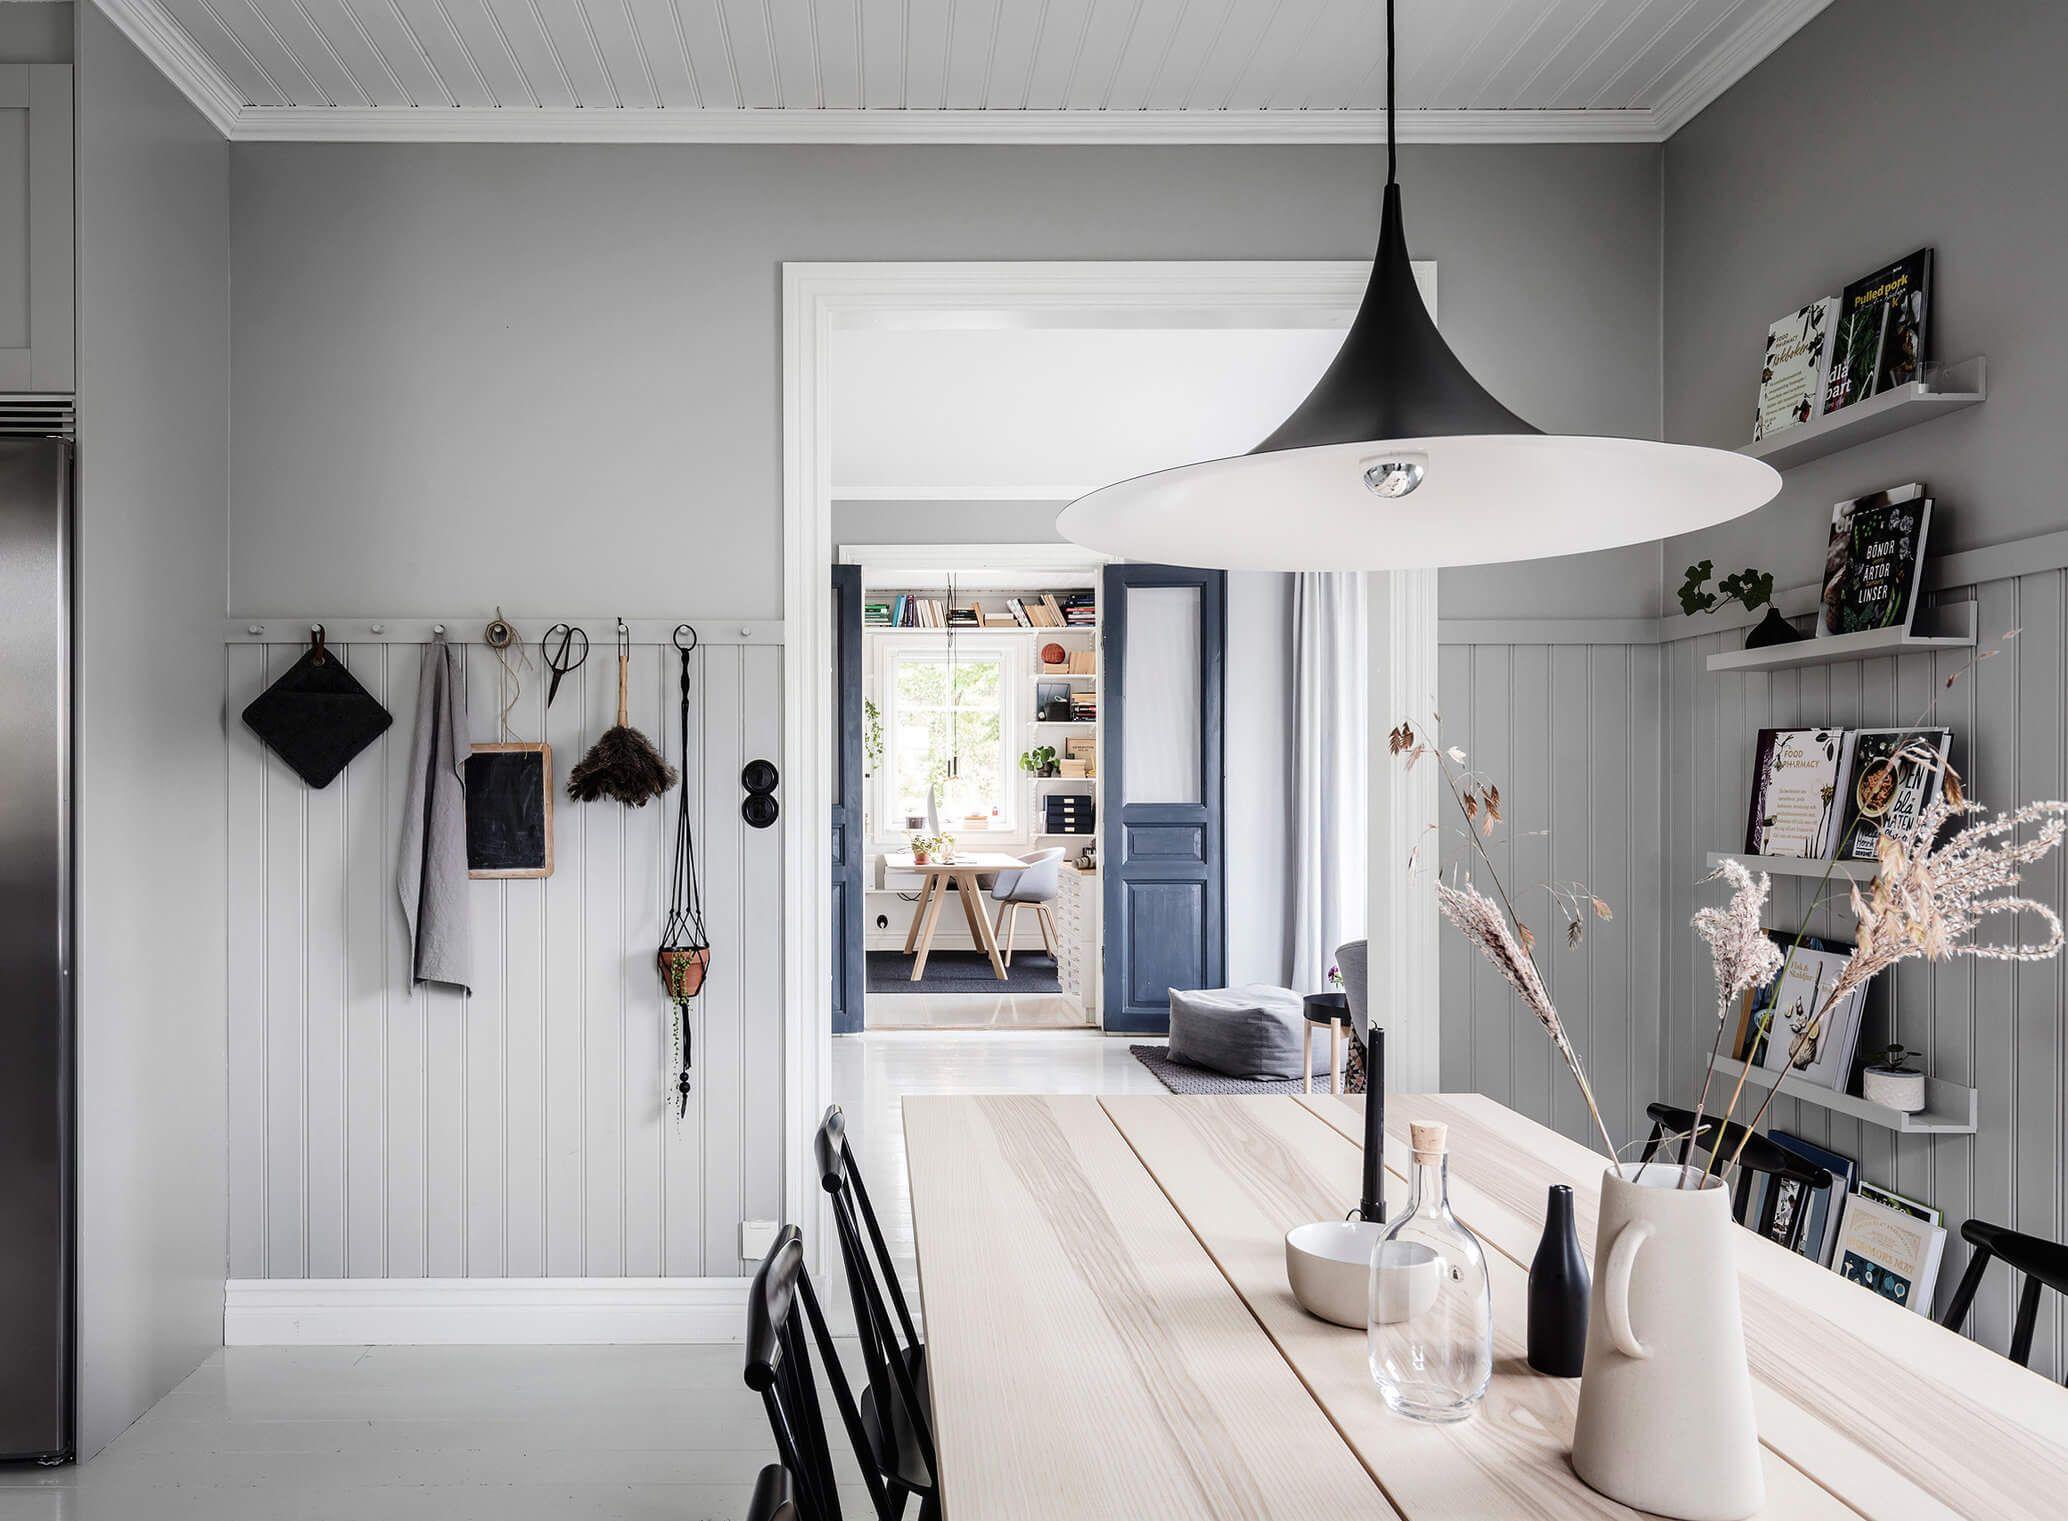 Cozinha escandinava com painel de madeira nas predes e no teto de tons claros pontuada com cadeiras e luminária preta.